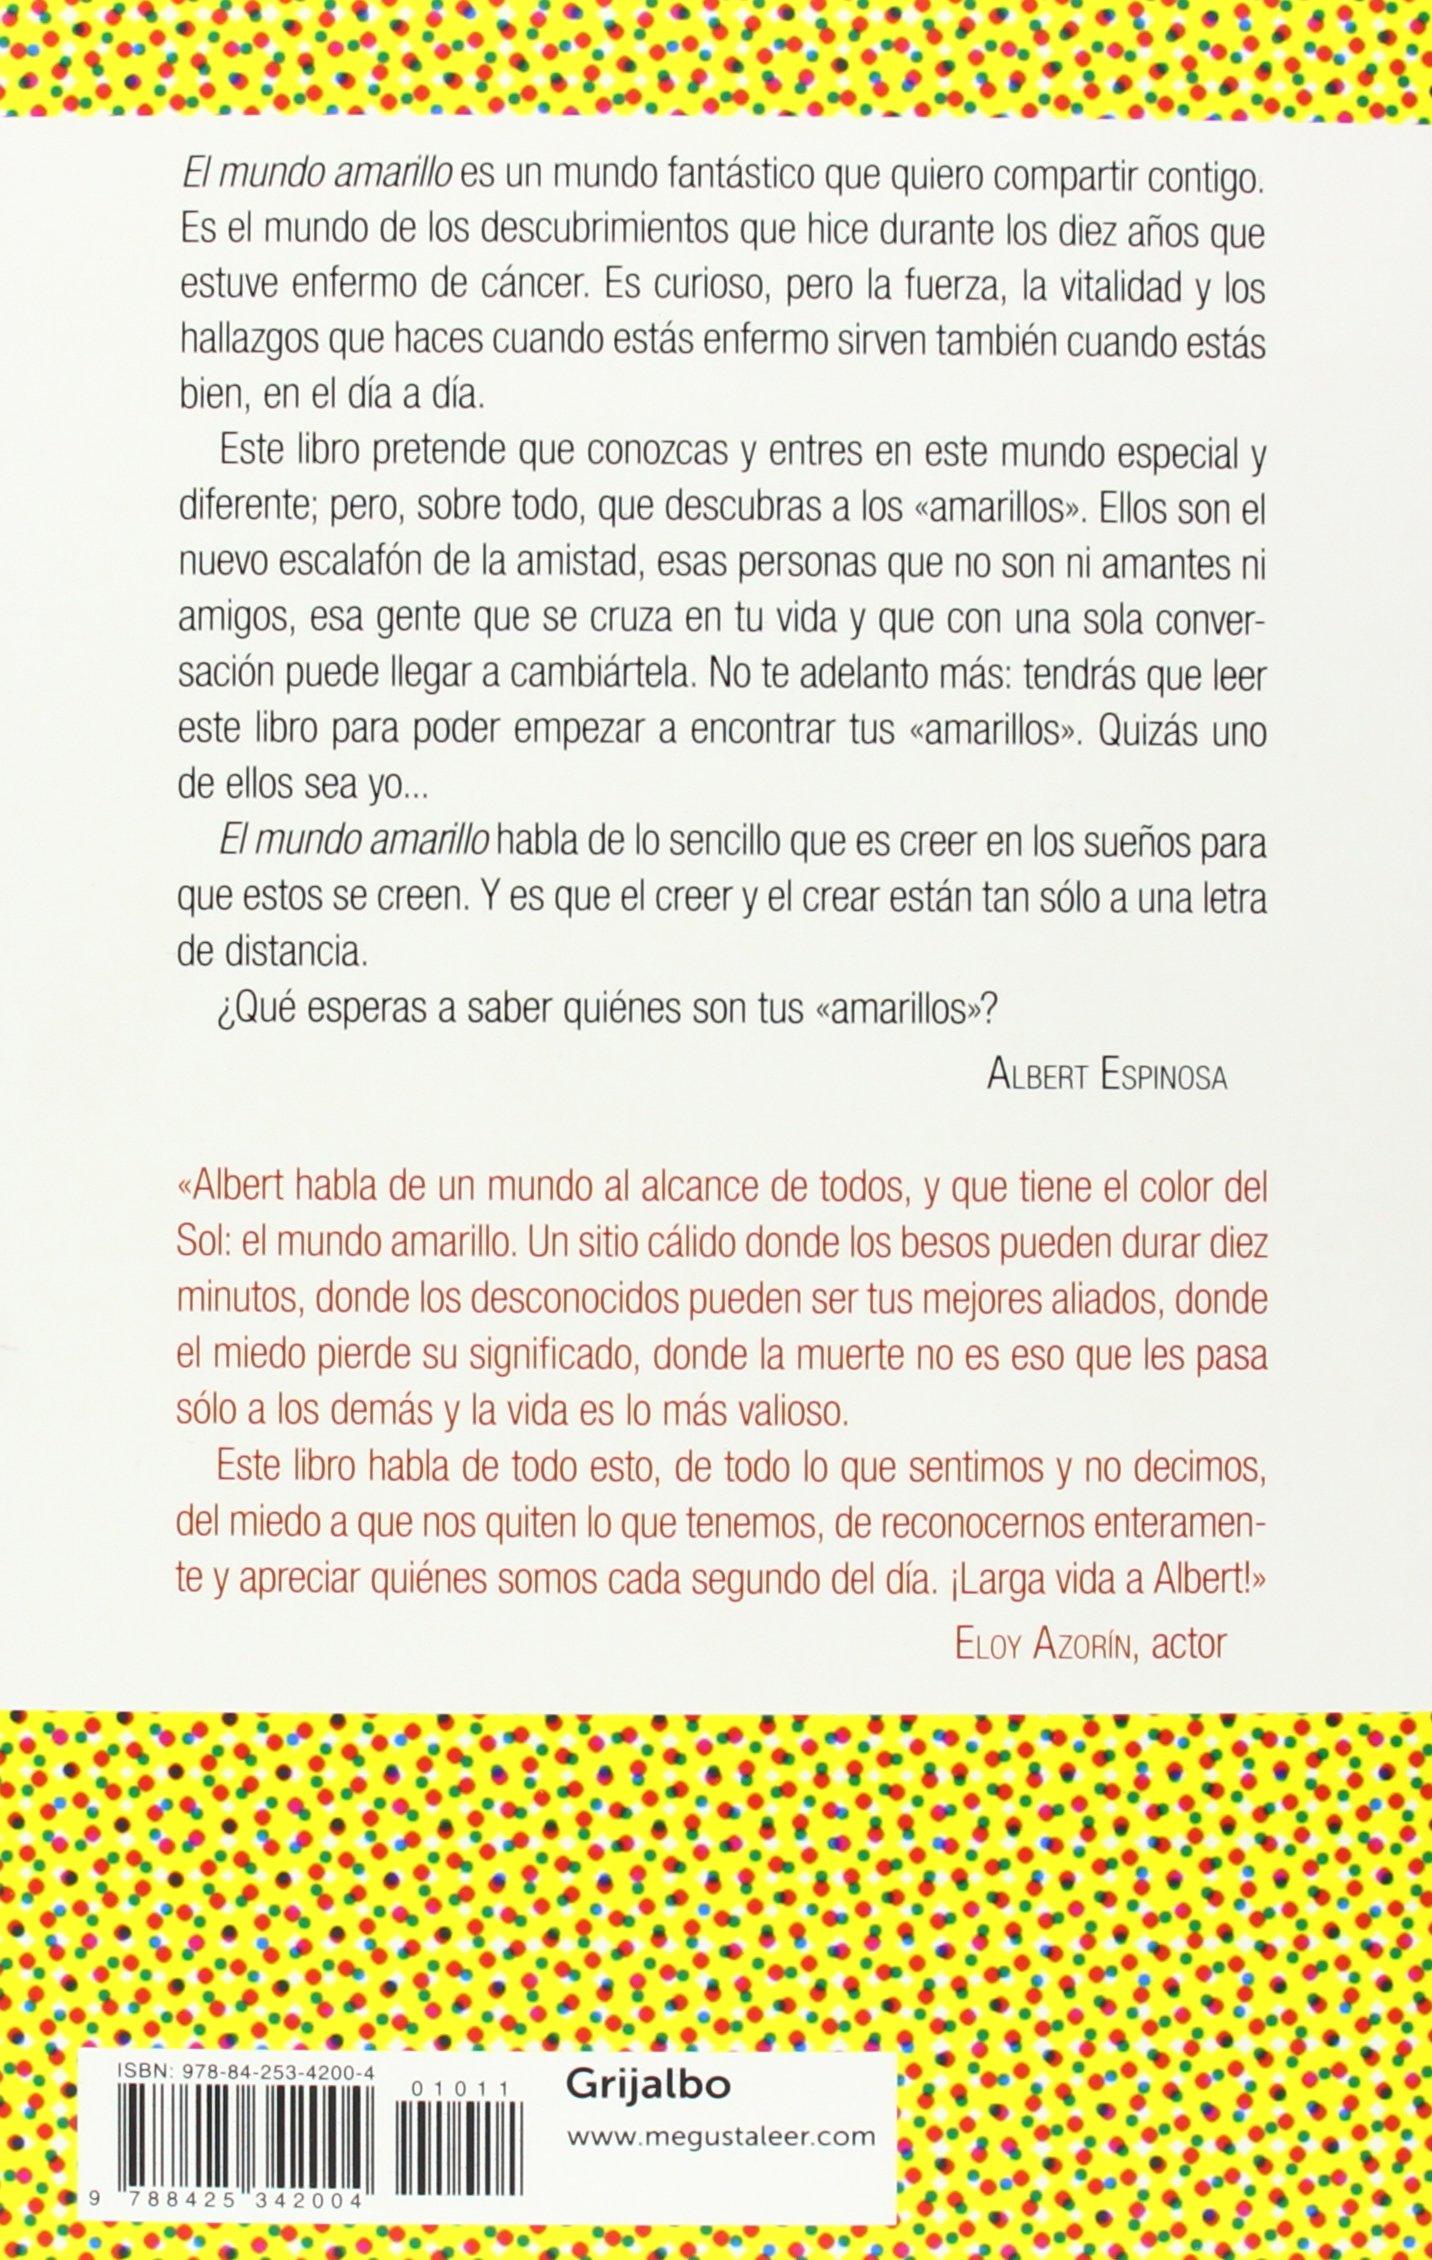 El mundo amarillo: Si crees en los sueños, ellos se crearán FUERA DE  COLECCION: Amazon.es: Albert Espinosa: Libros